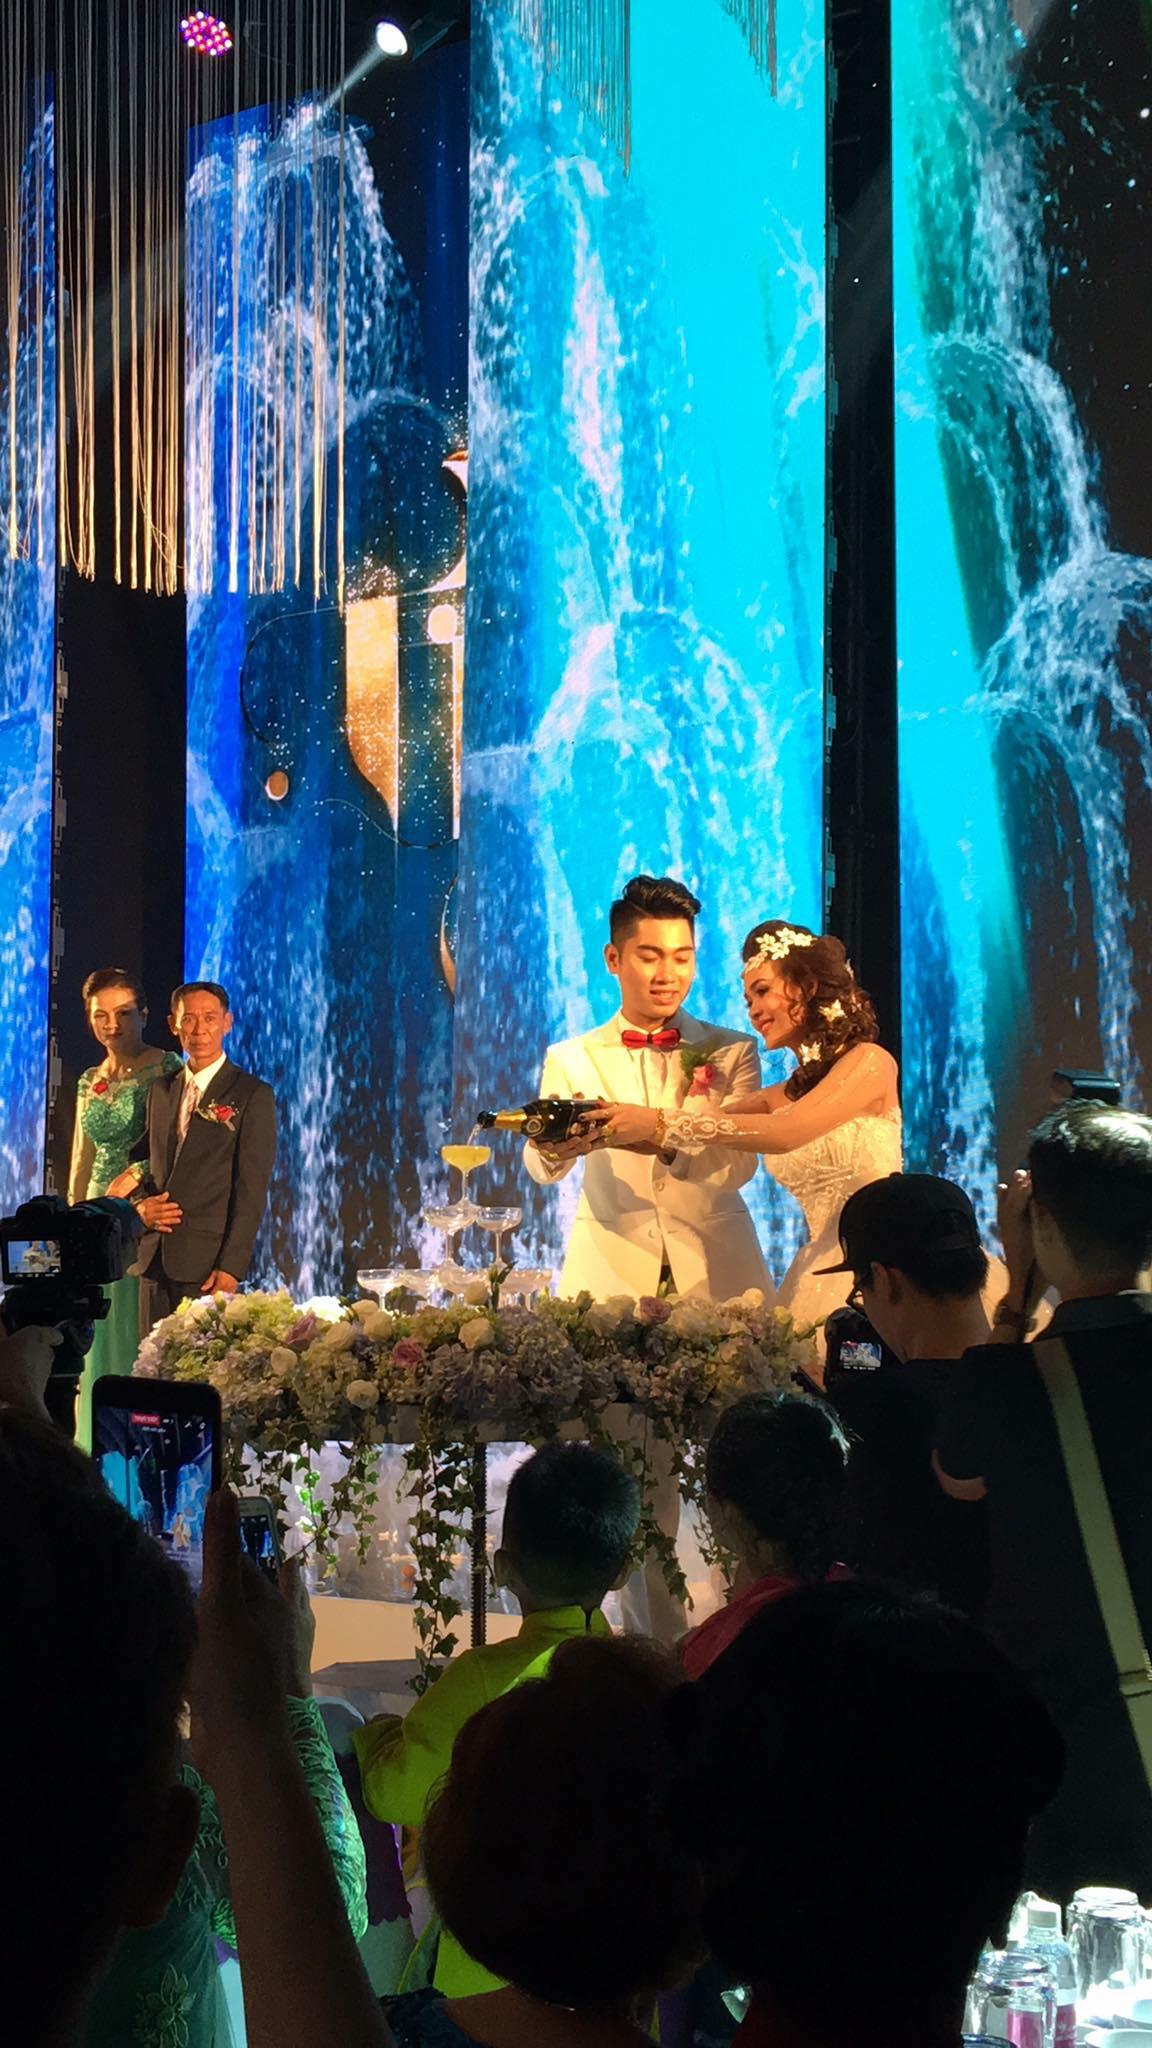 Tiết lộ danh tính cô dâu chú rể trong đám cưới 10 tỷ mời toàn sao Việt hạng A - Ảnh 4.